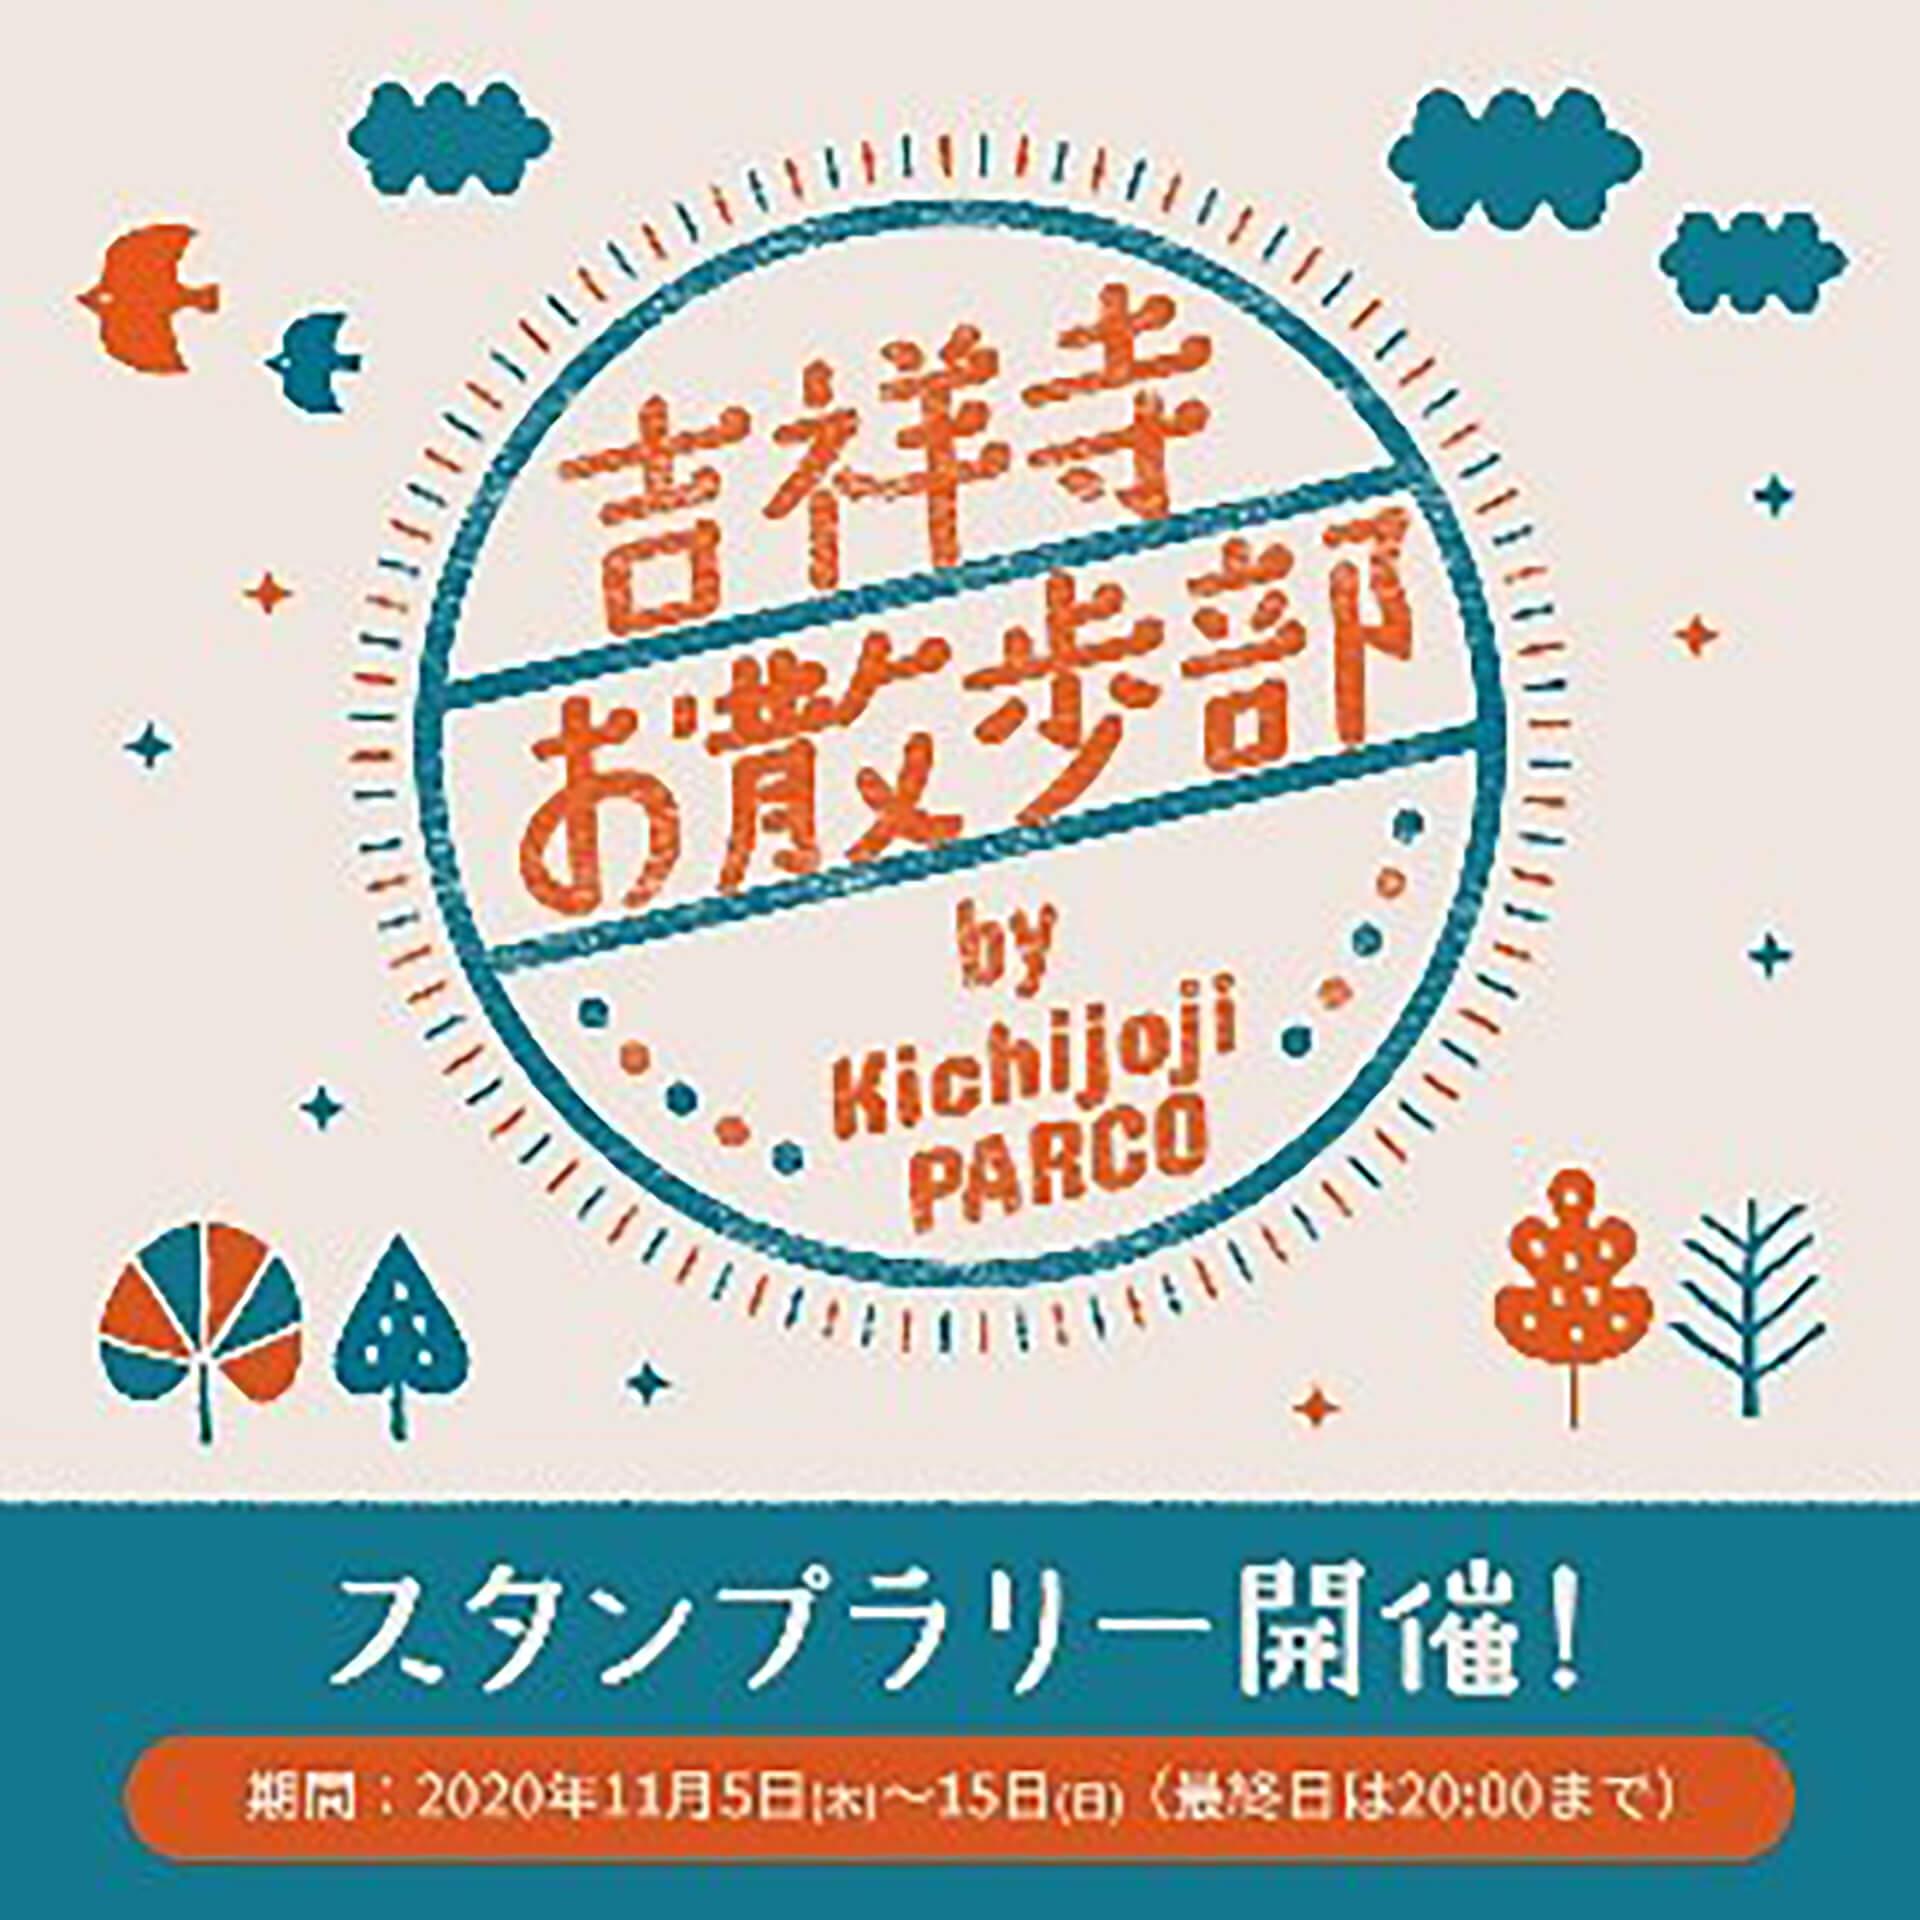 吉祥寺お散歩スタンプラリー by Kichijoji PARCO